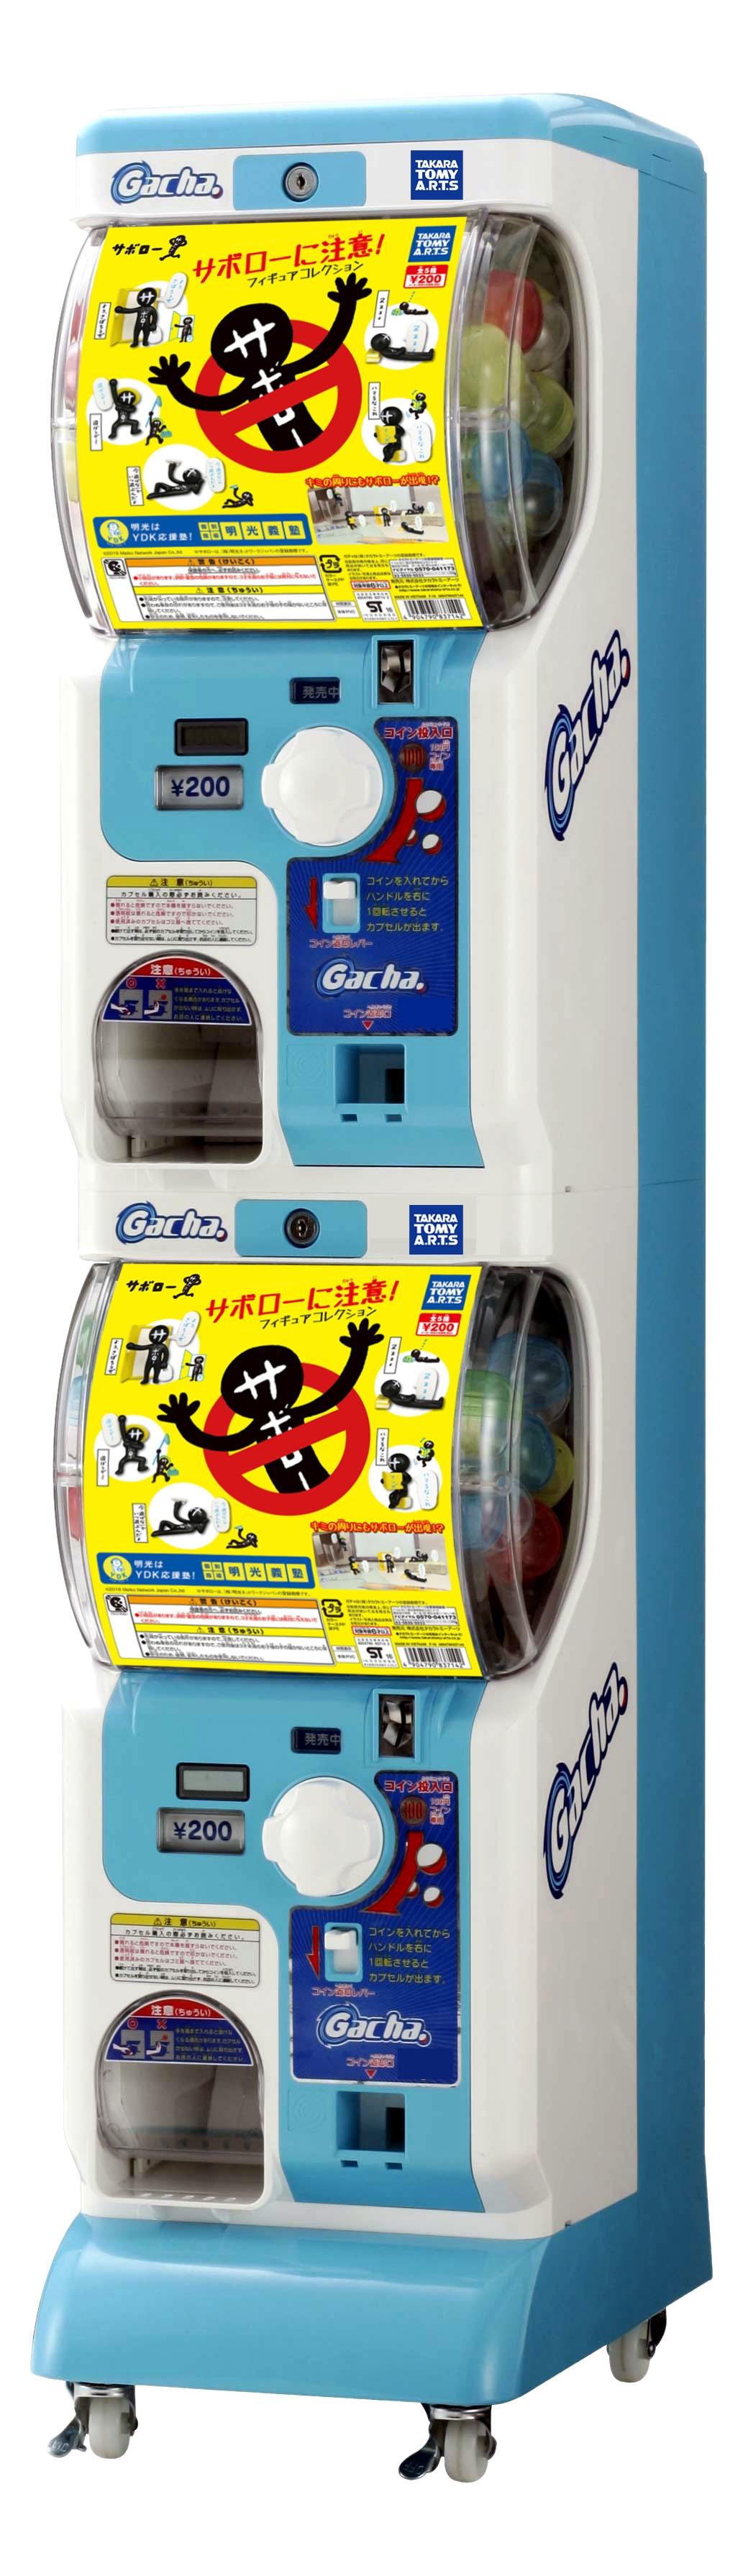 gacha_machine